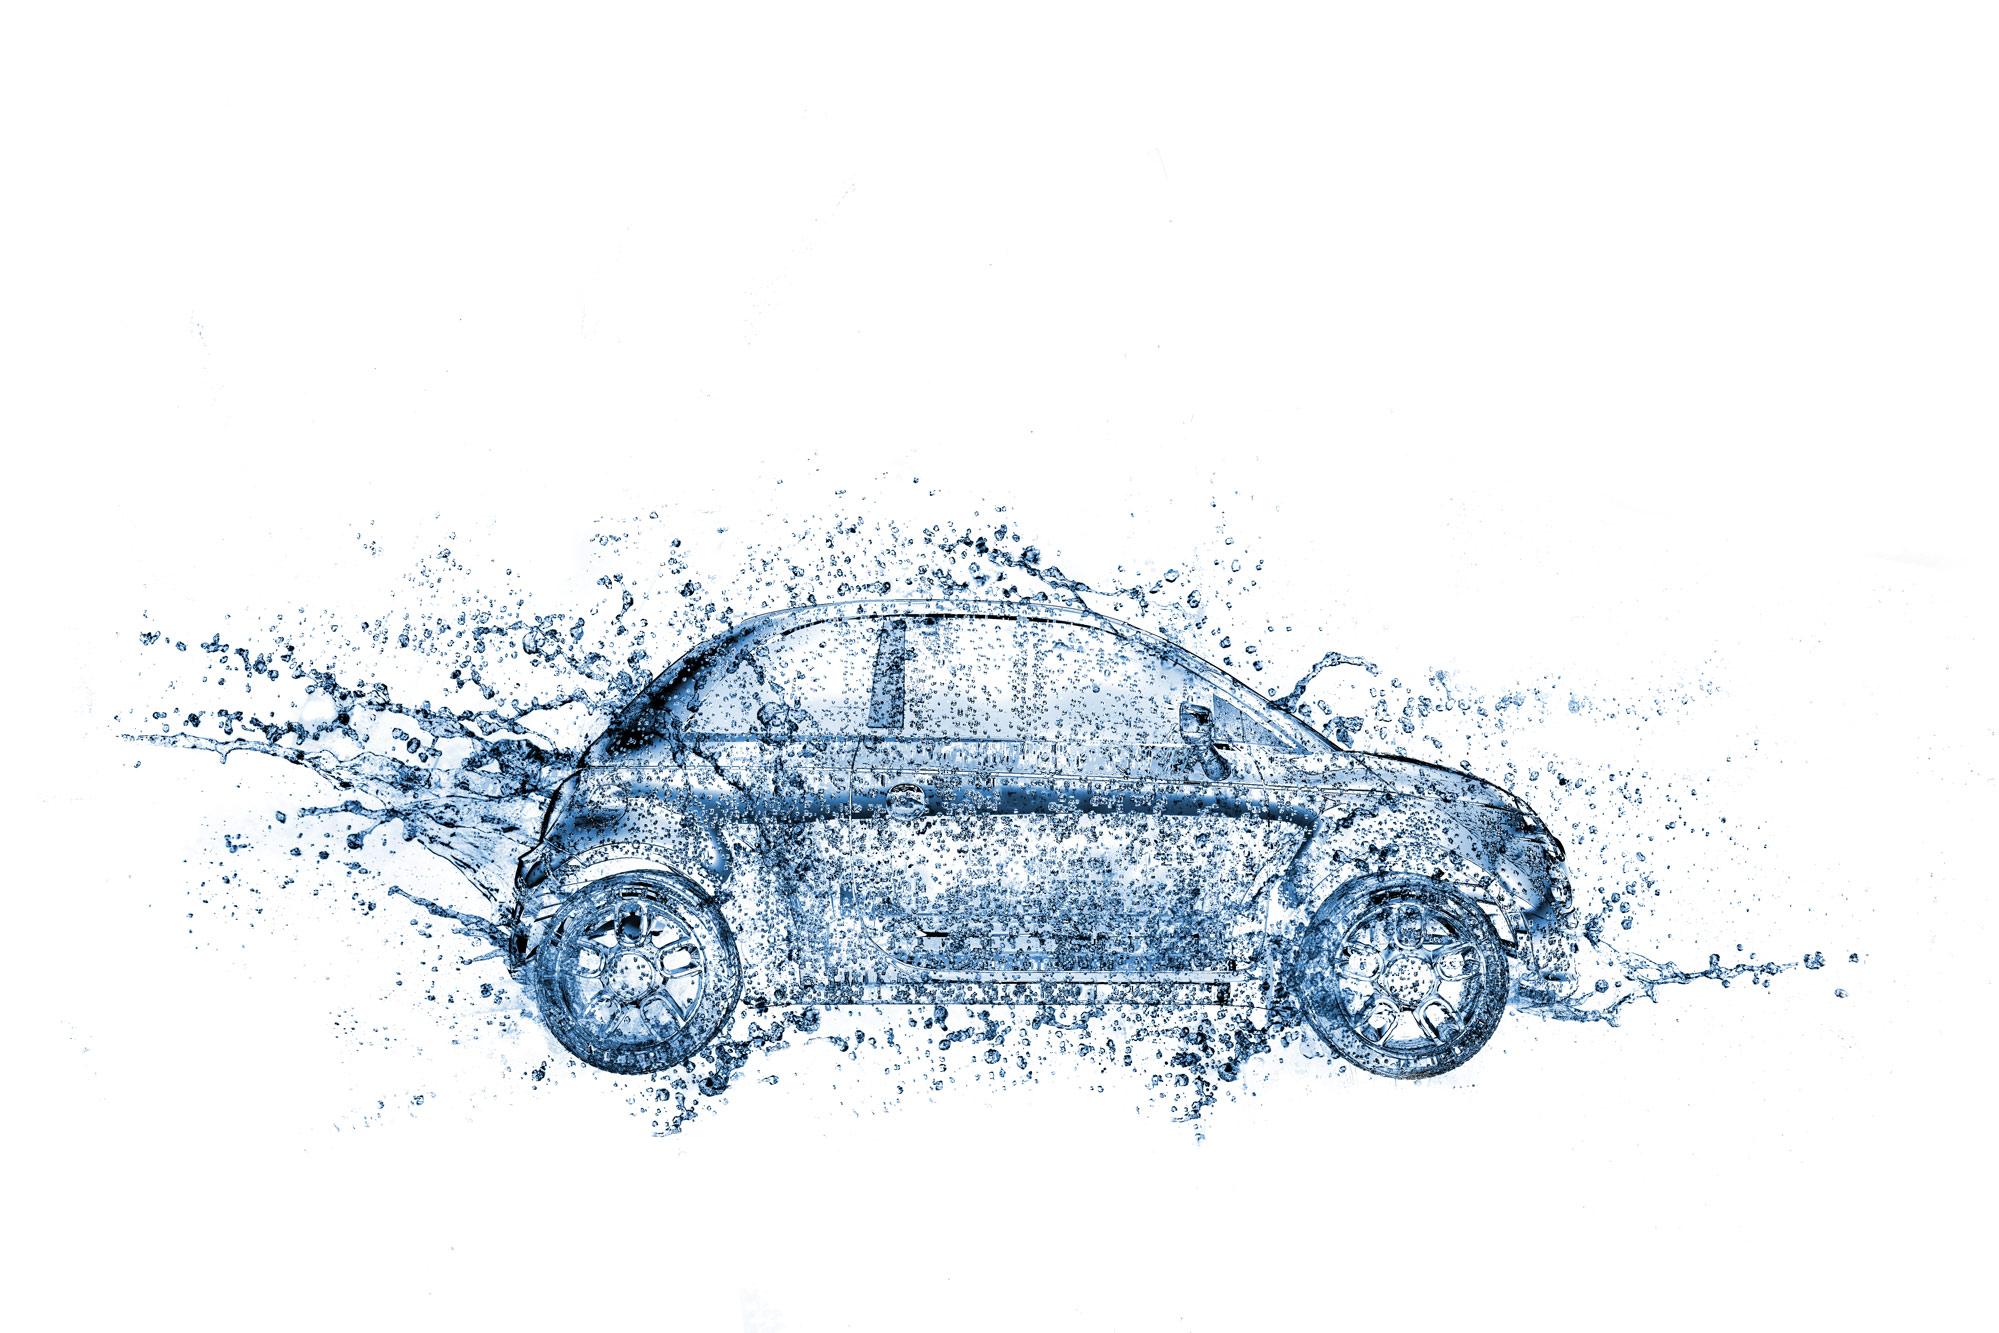 Chris Clor water car